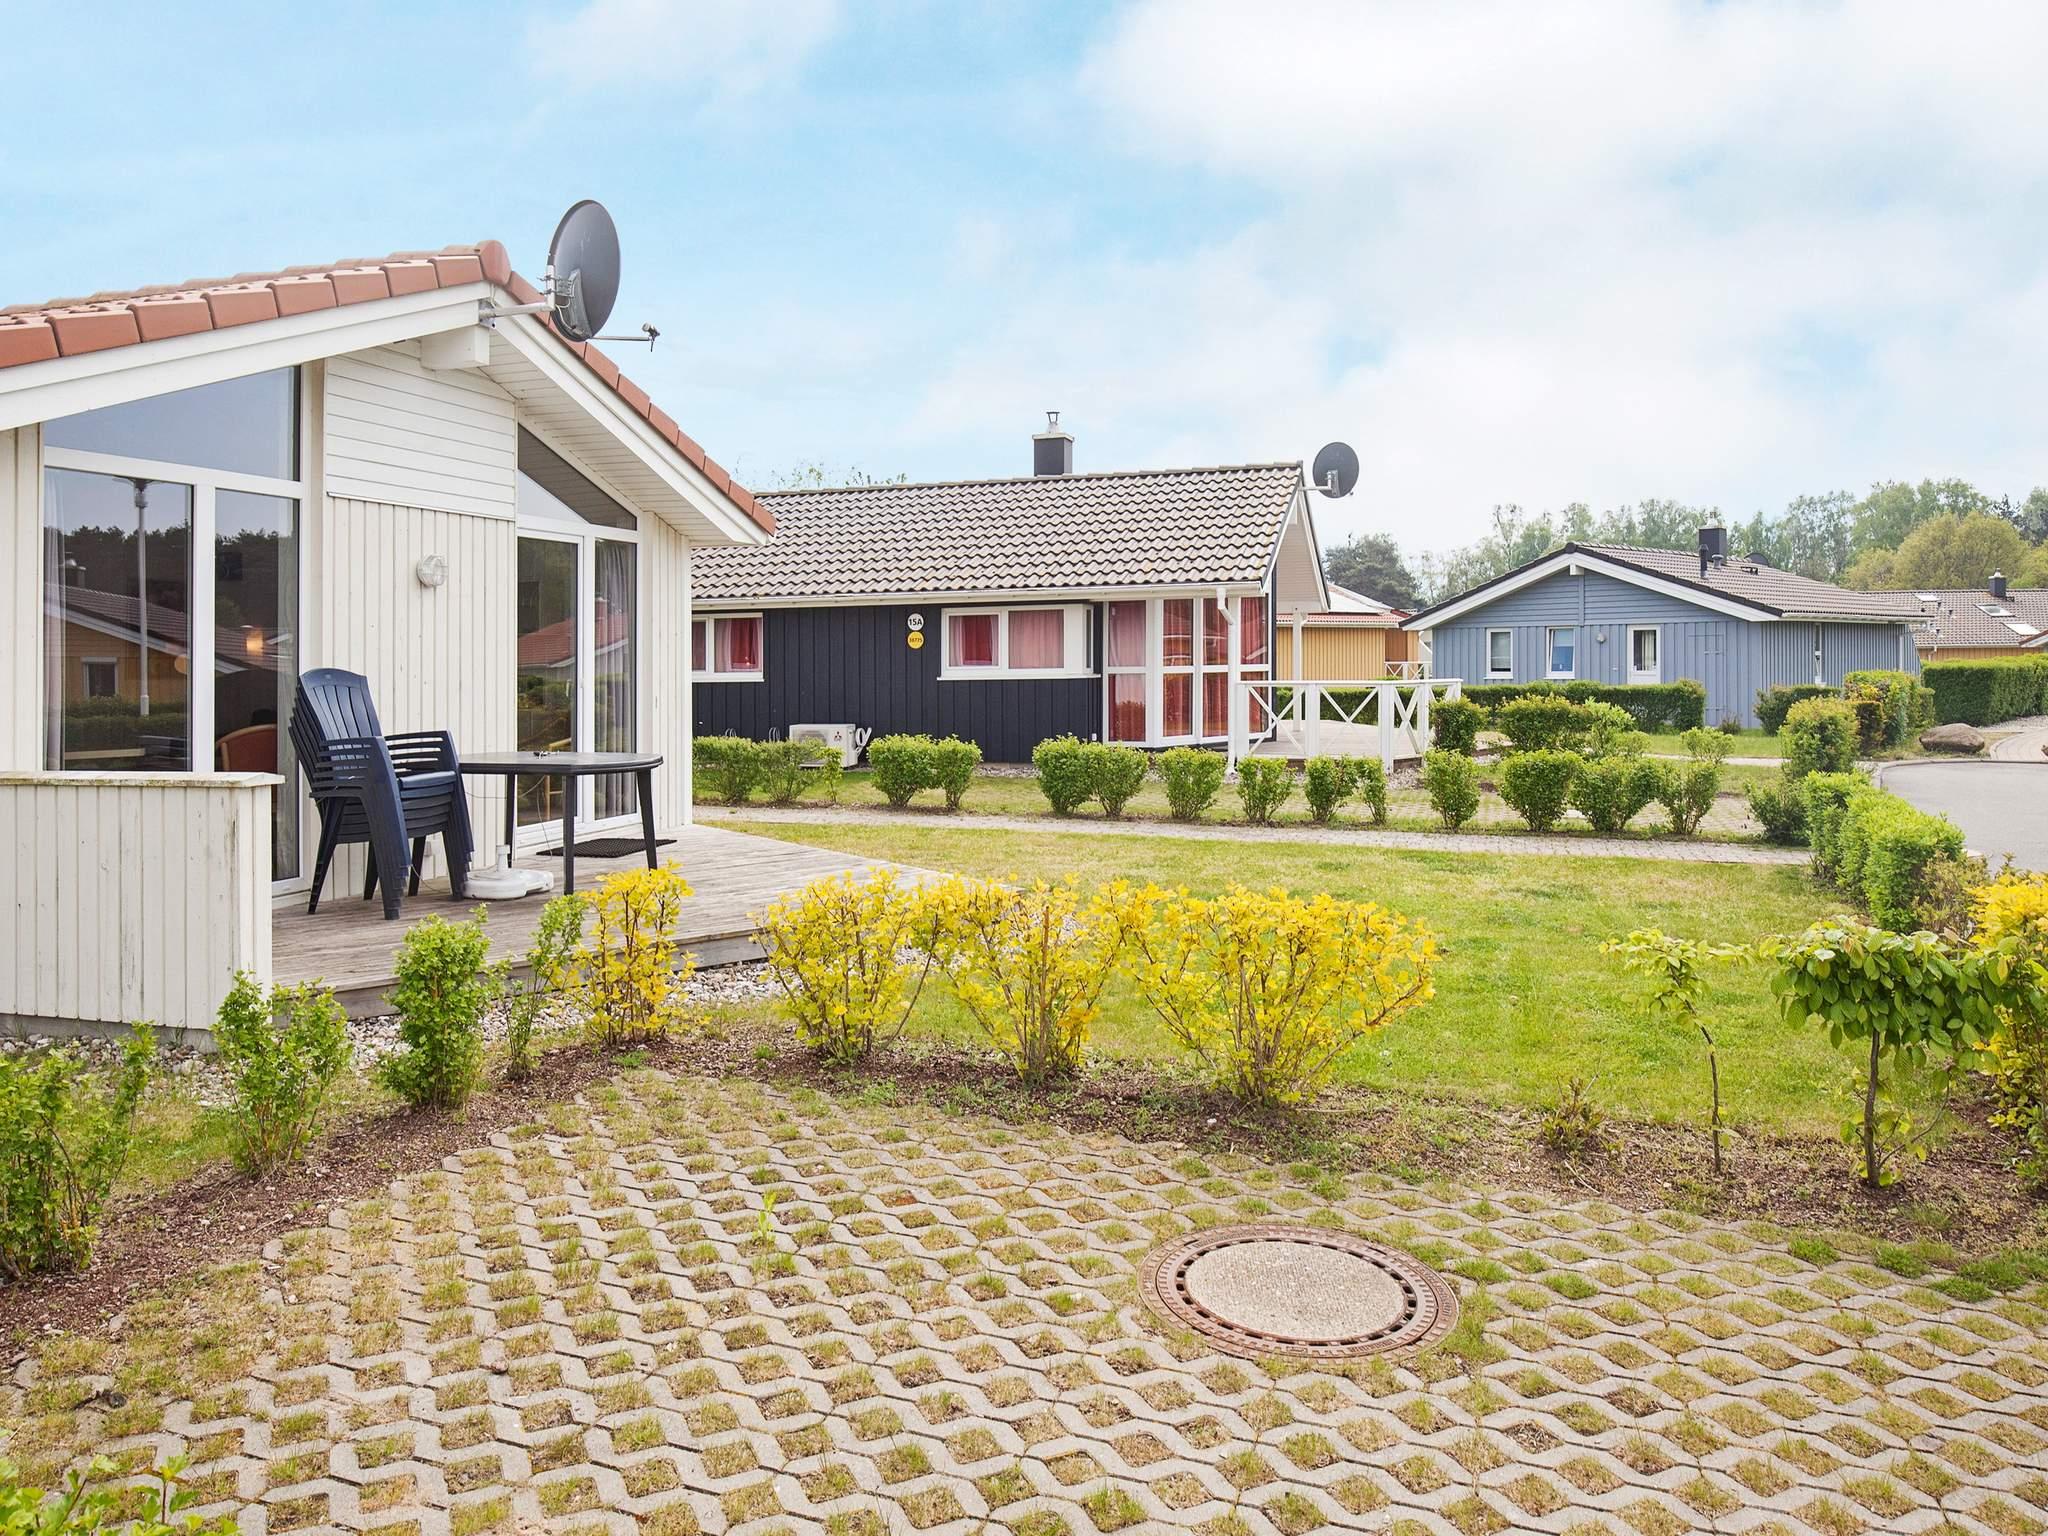 Maison de vacances Grömitz (436444), Grömitz, Baie de Lübeck, Schleswig-Holstein, Allemagne, image 14